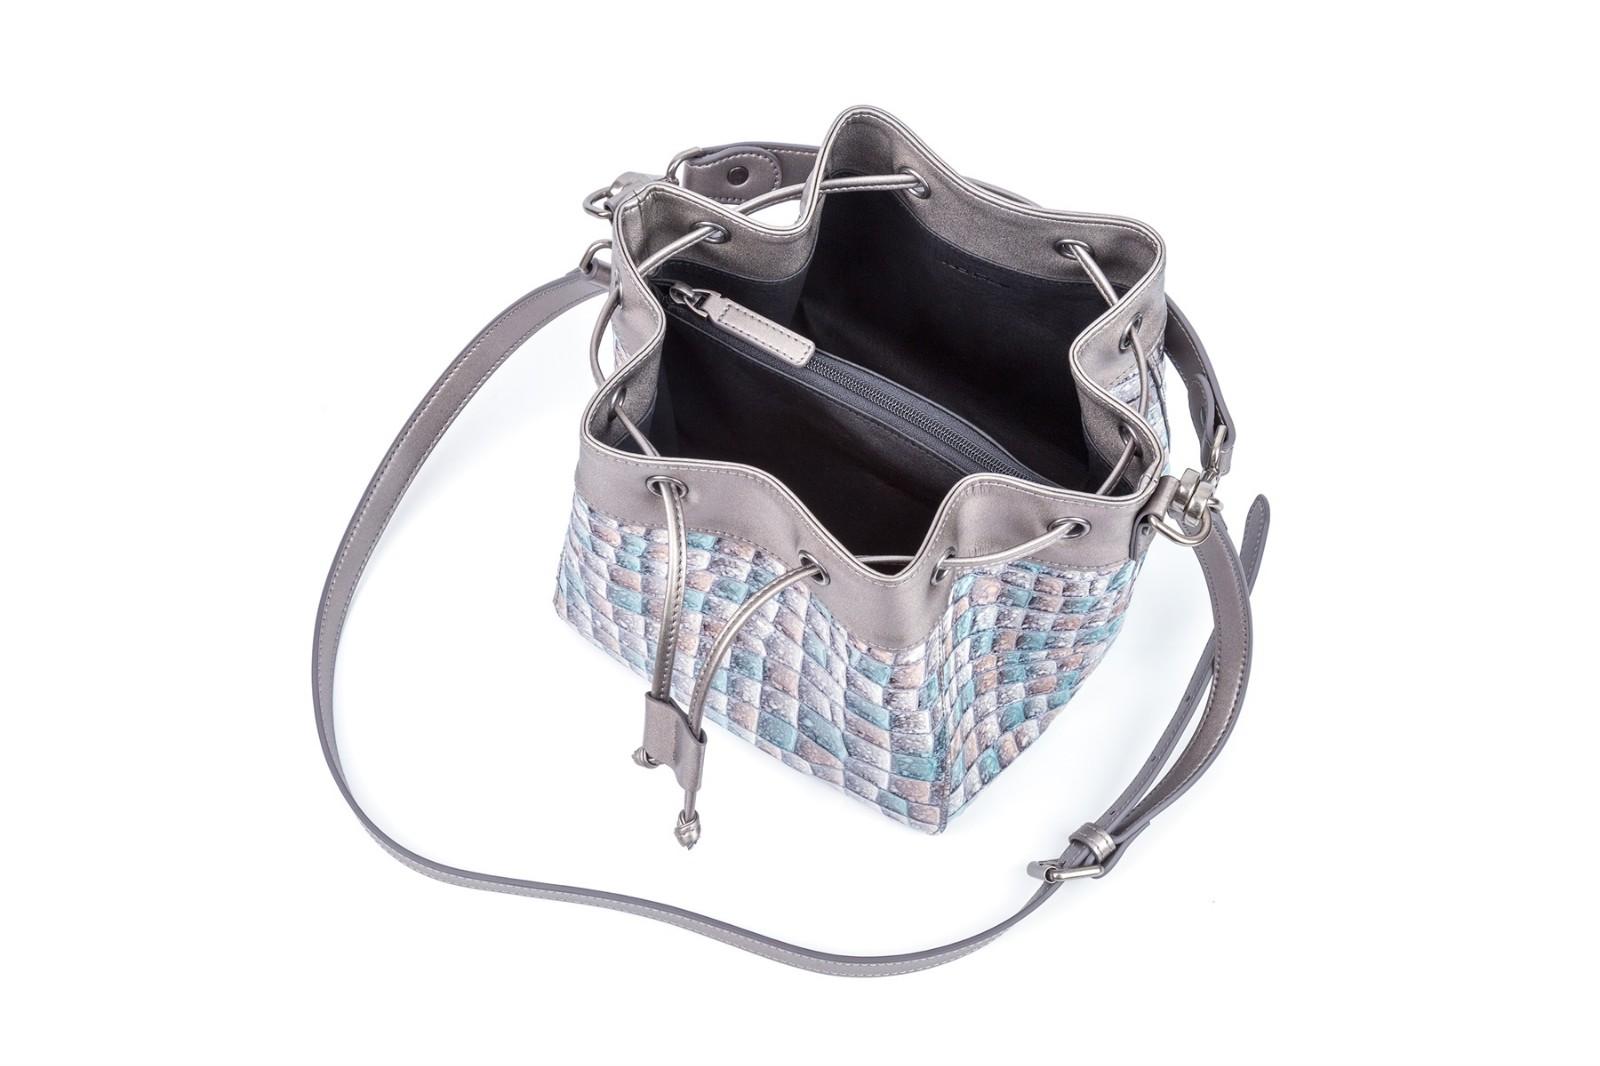 GF bags-Best Shoulder Bags Online Ladies Small Shoulder Bags - GF Bags-7